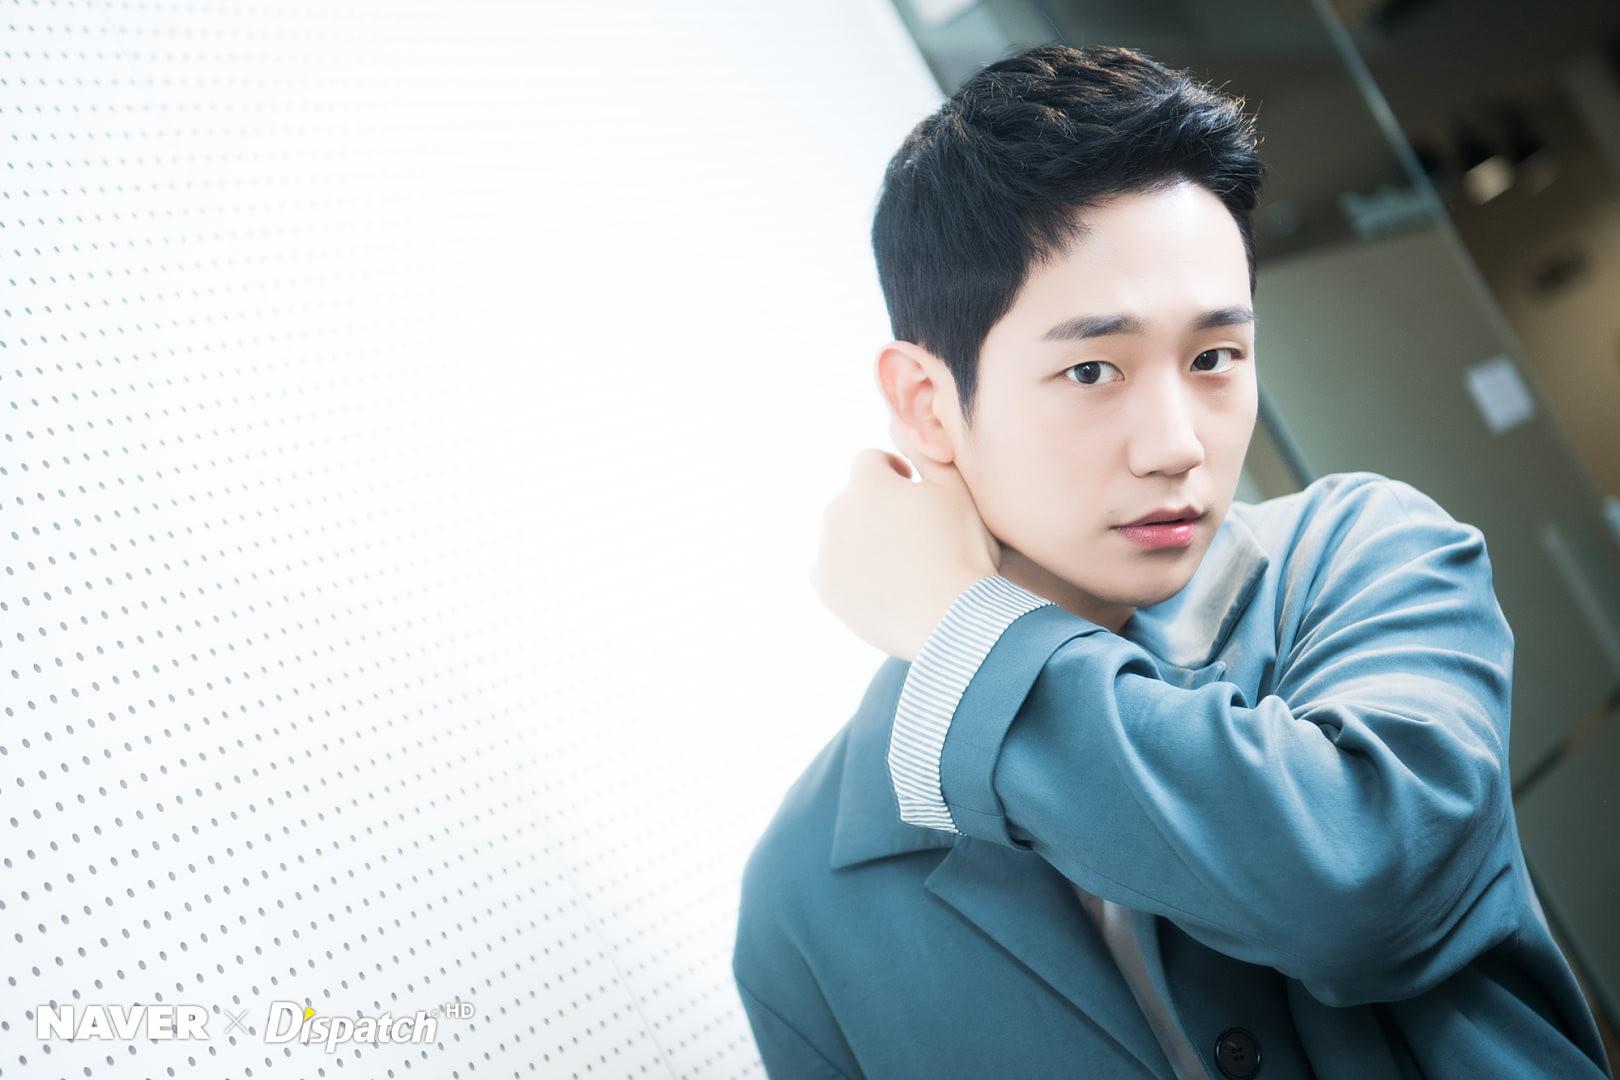 Dispatch tung bộ ảnh zoom đến từng lỗ chân lông của Jung Hae In: Đẳng cấp mỹ nam khiến chị đẹp mê mẩn là đây? - Ảnh 6.